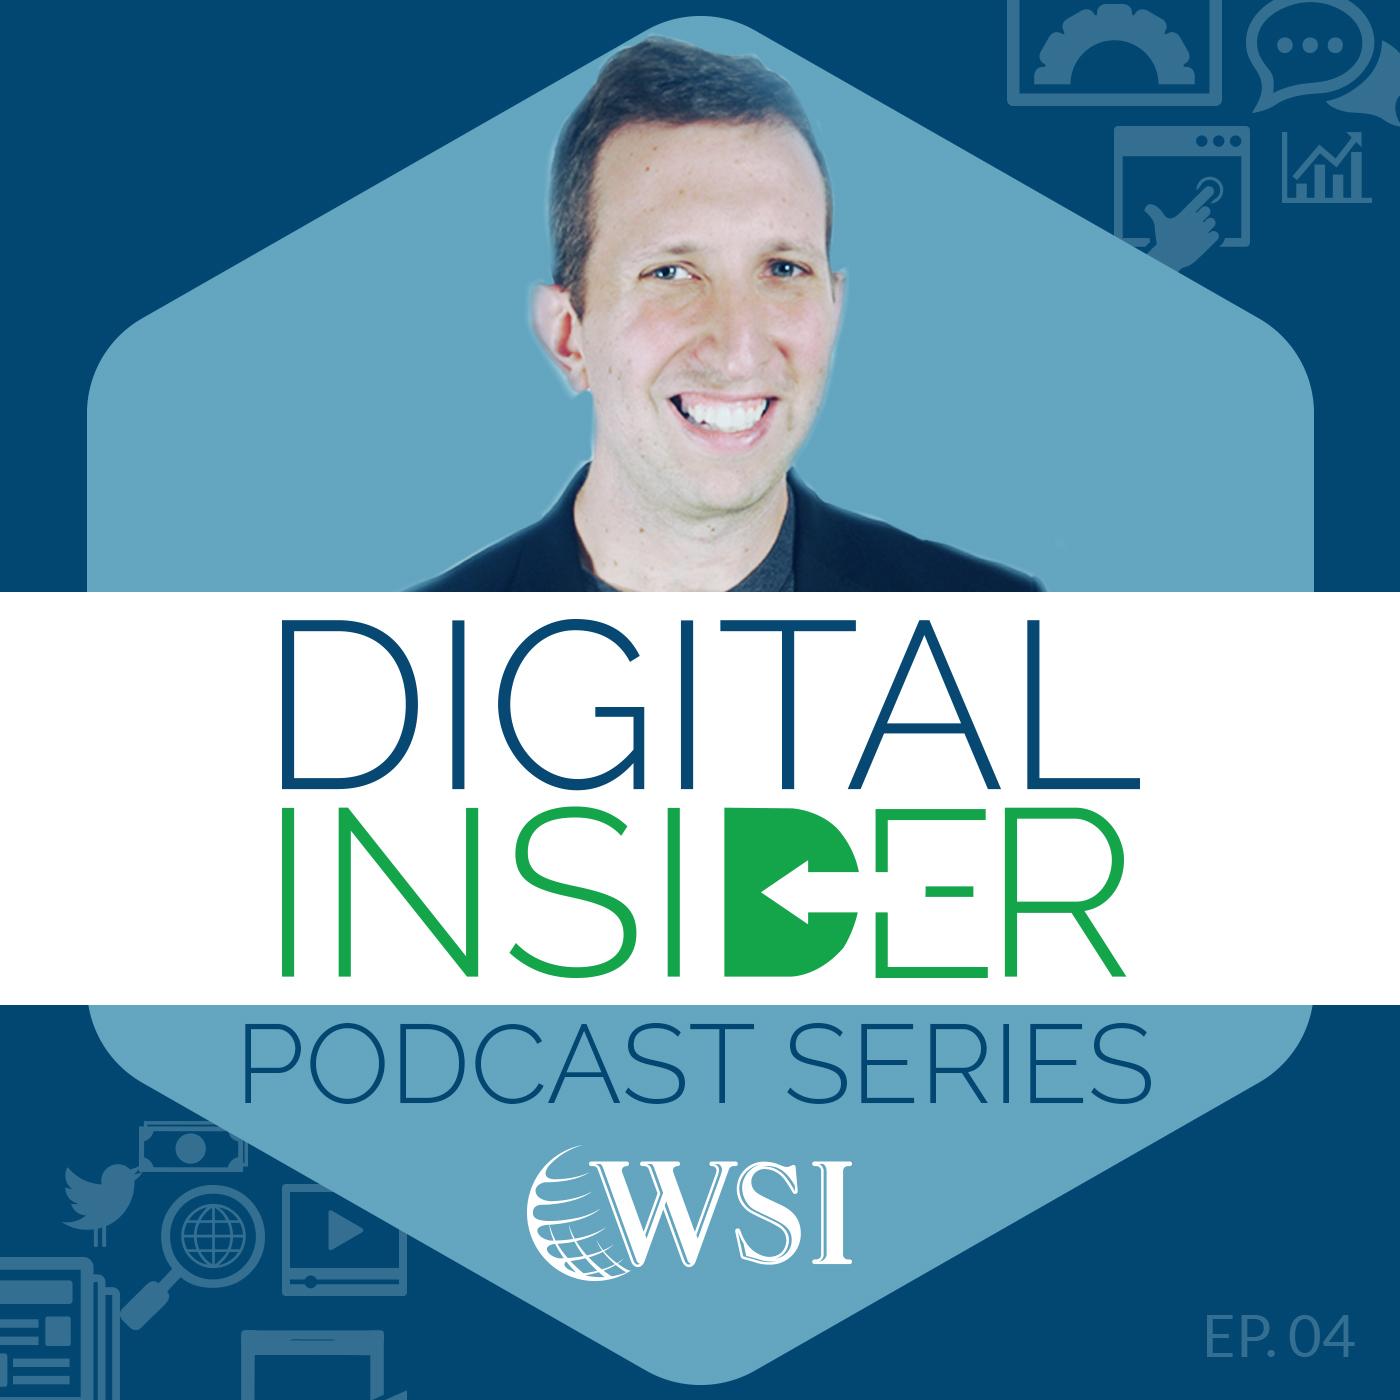 Episode 4: Social Media with Dave Kerpen